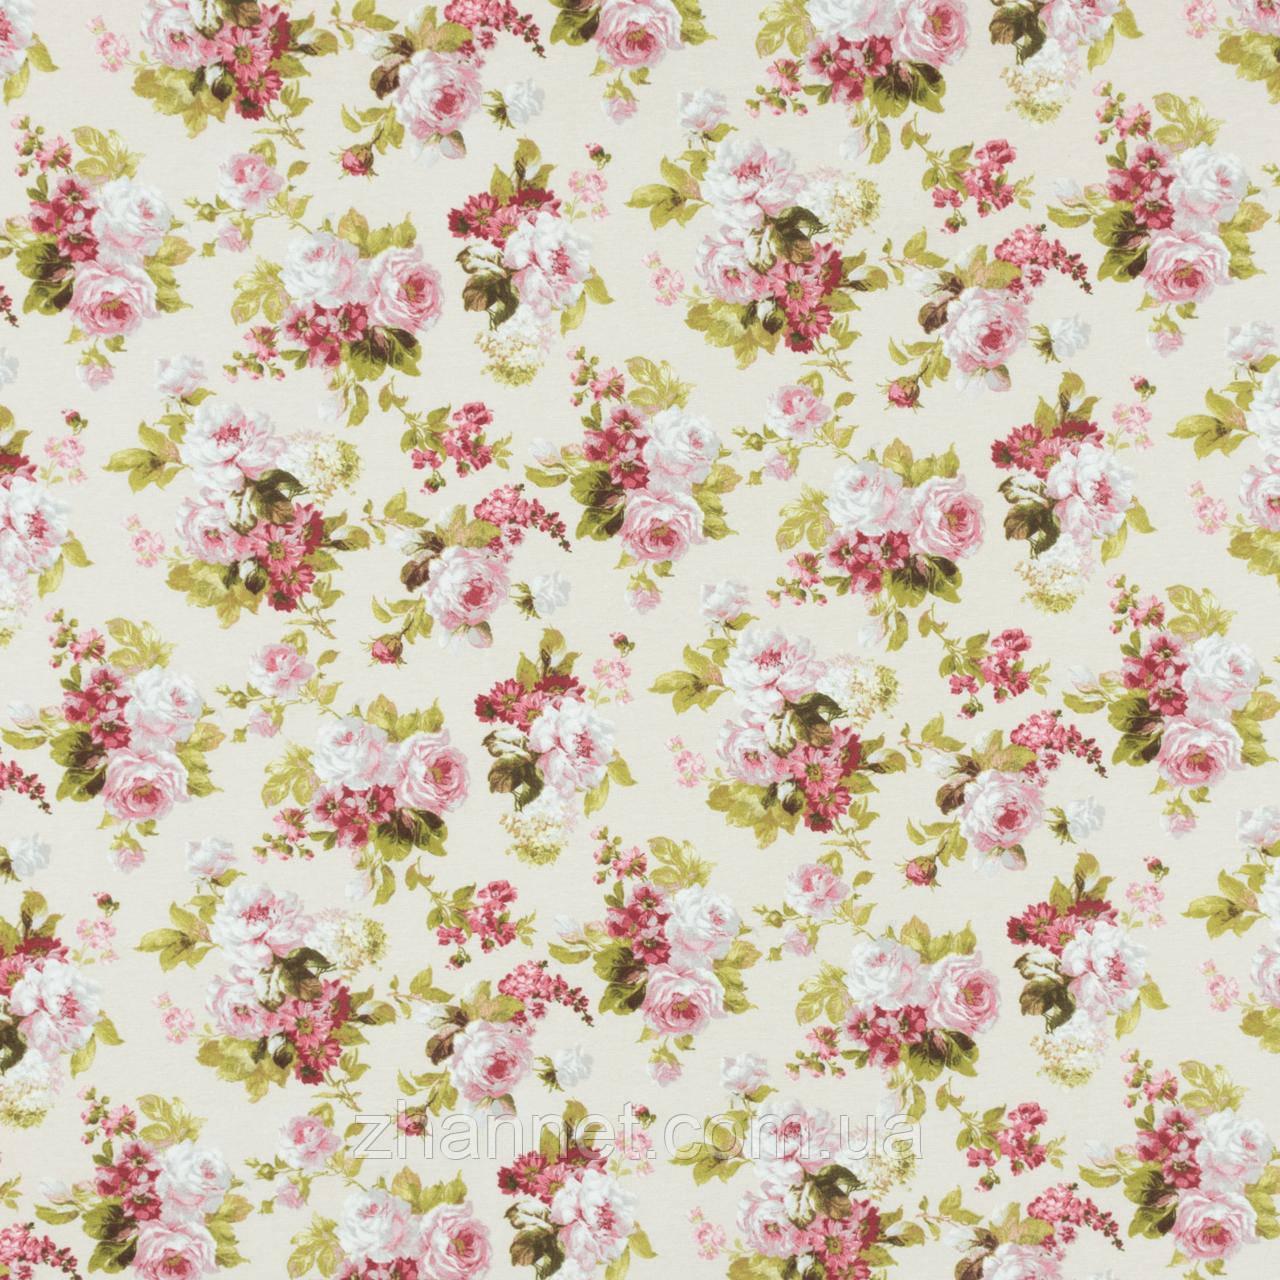 Ткань для штор Floral Букет цветов молочный (571161)